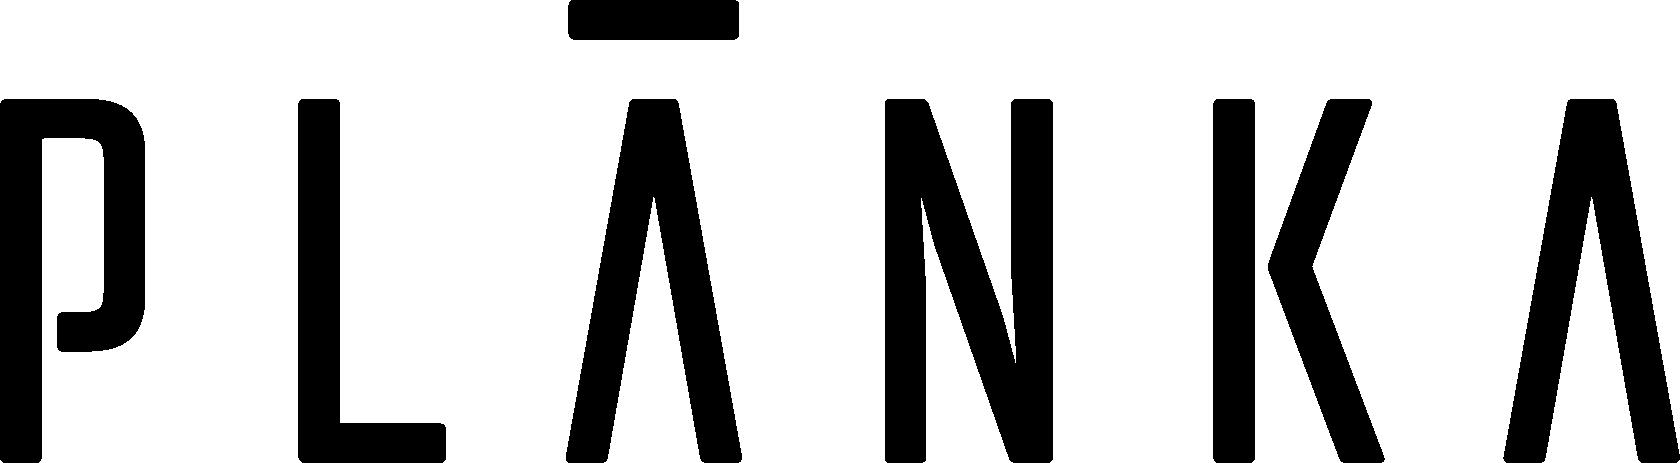 PLĀNKA